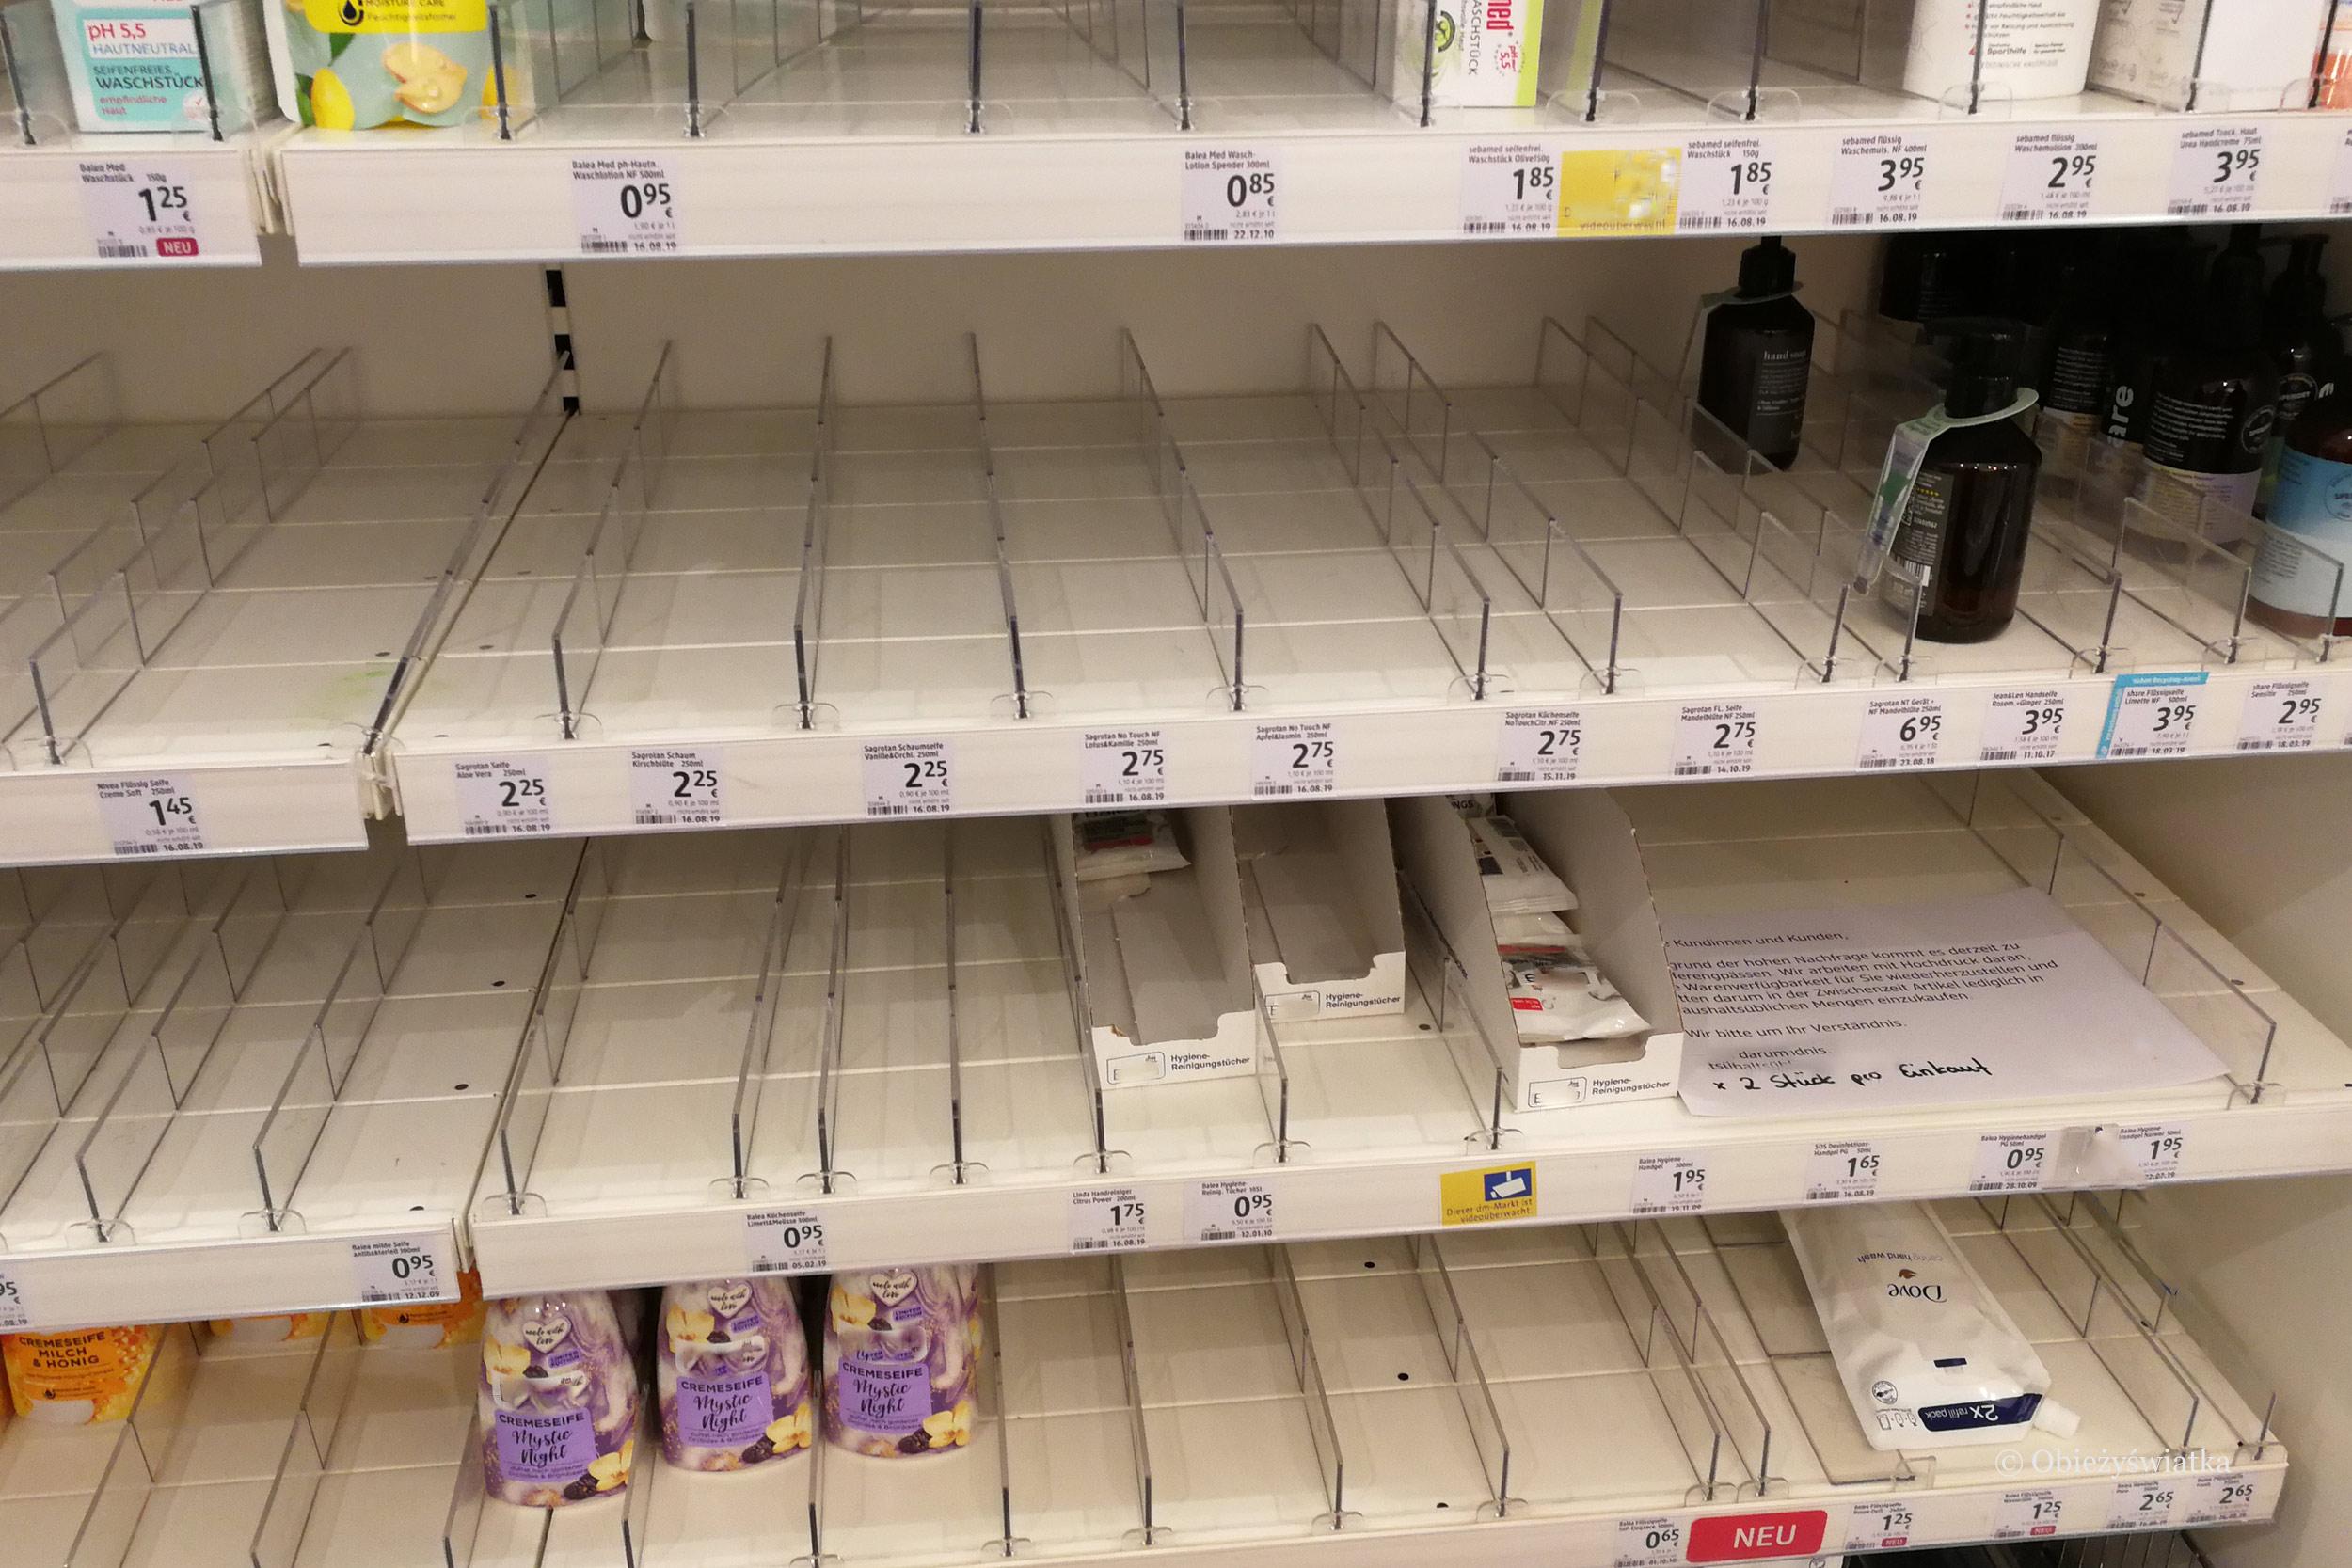 Skutki koronawirusa - puste regały w jednej z niemieckich drogerii, jeszcze przed ogłoszeniem pandemii